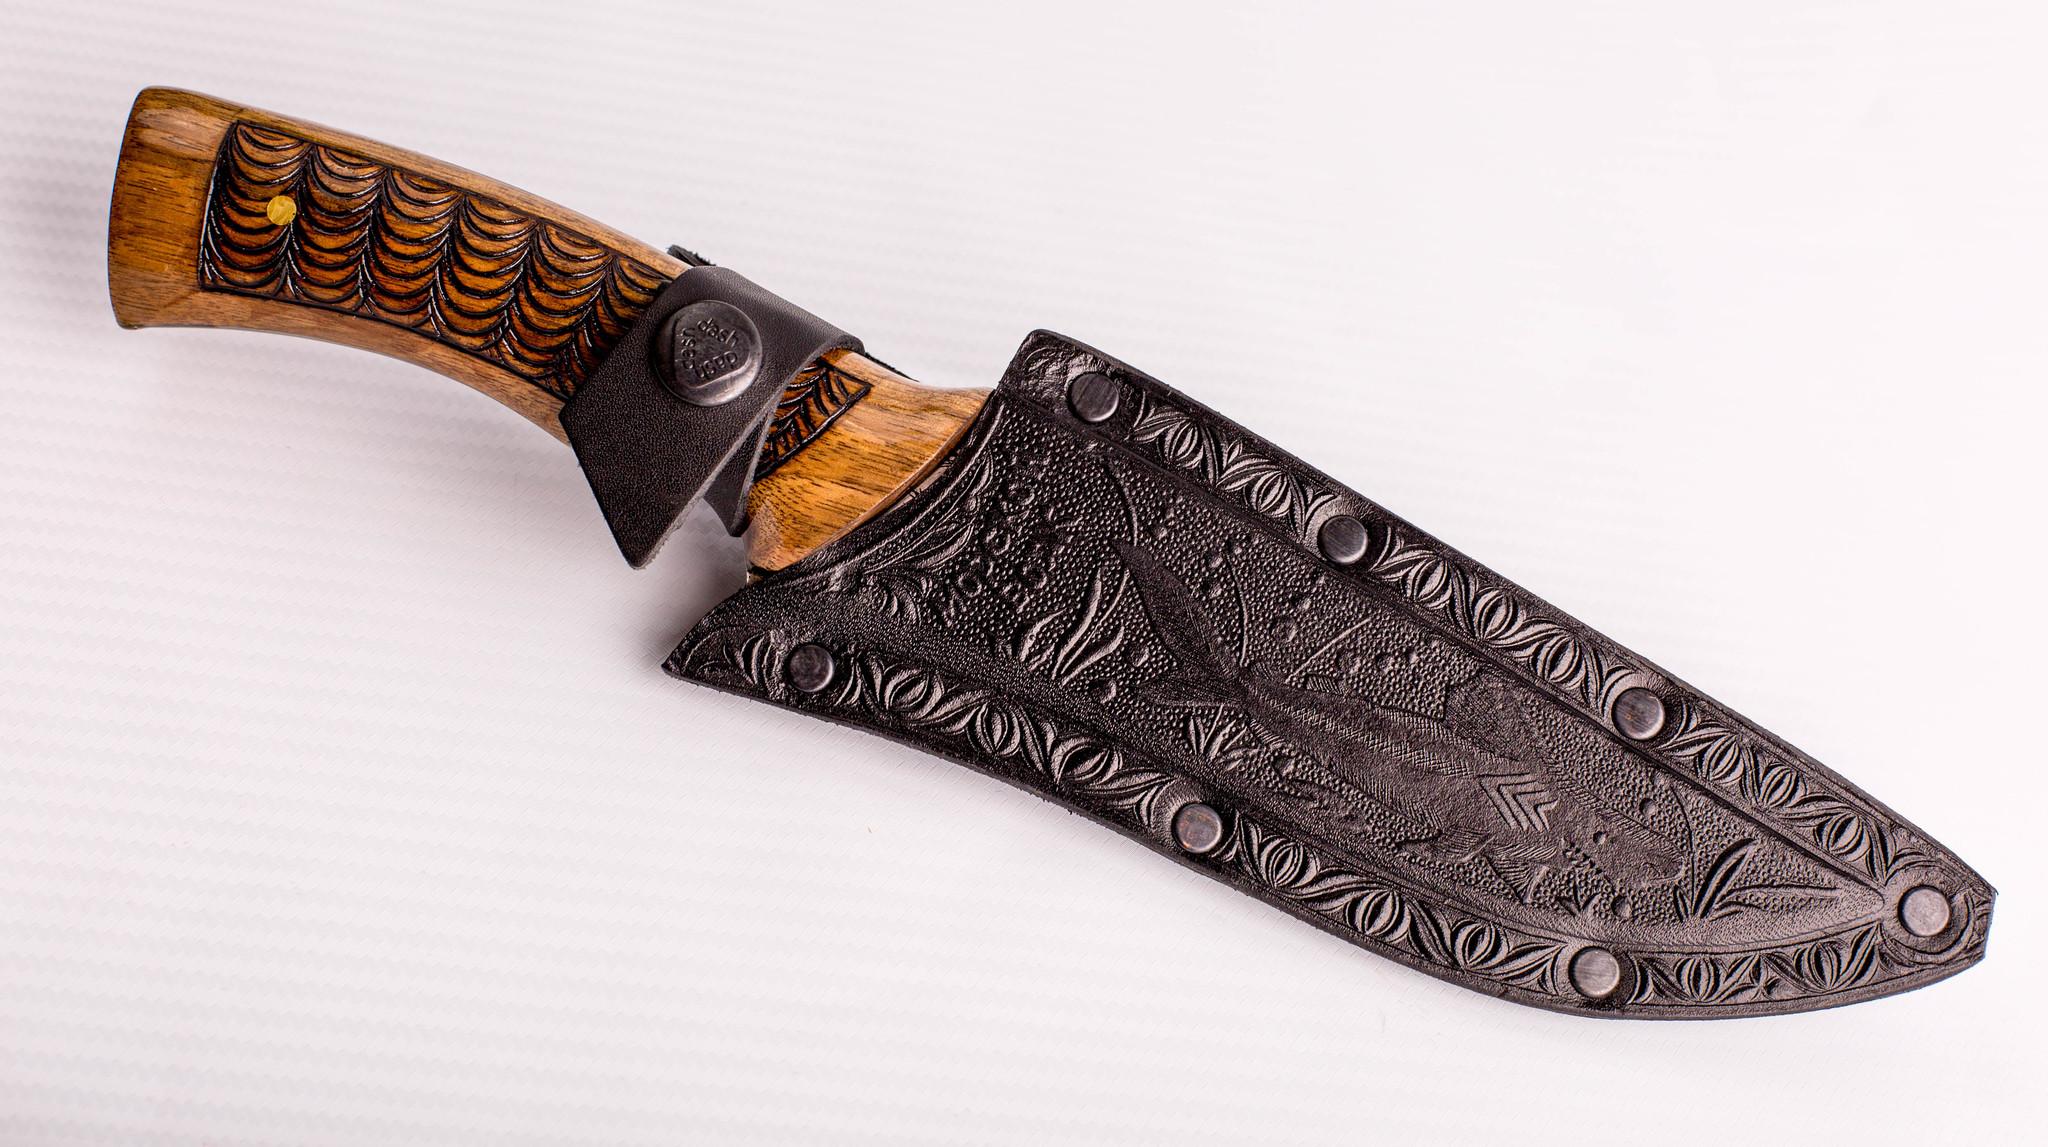 Фото 10 - Нож Морской Волк, резной, Кизляр СТО, сталь 65х13